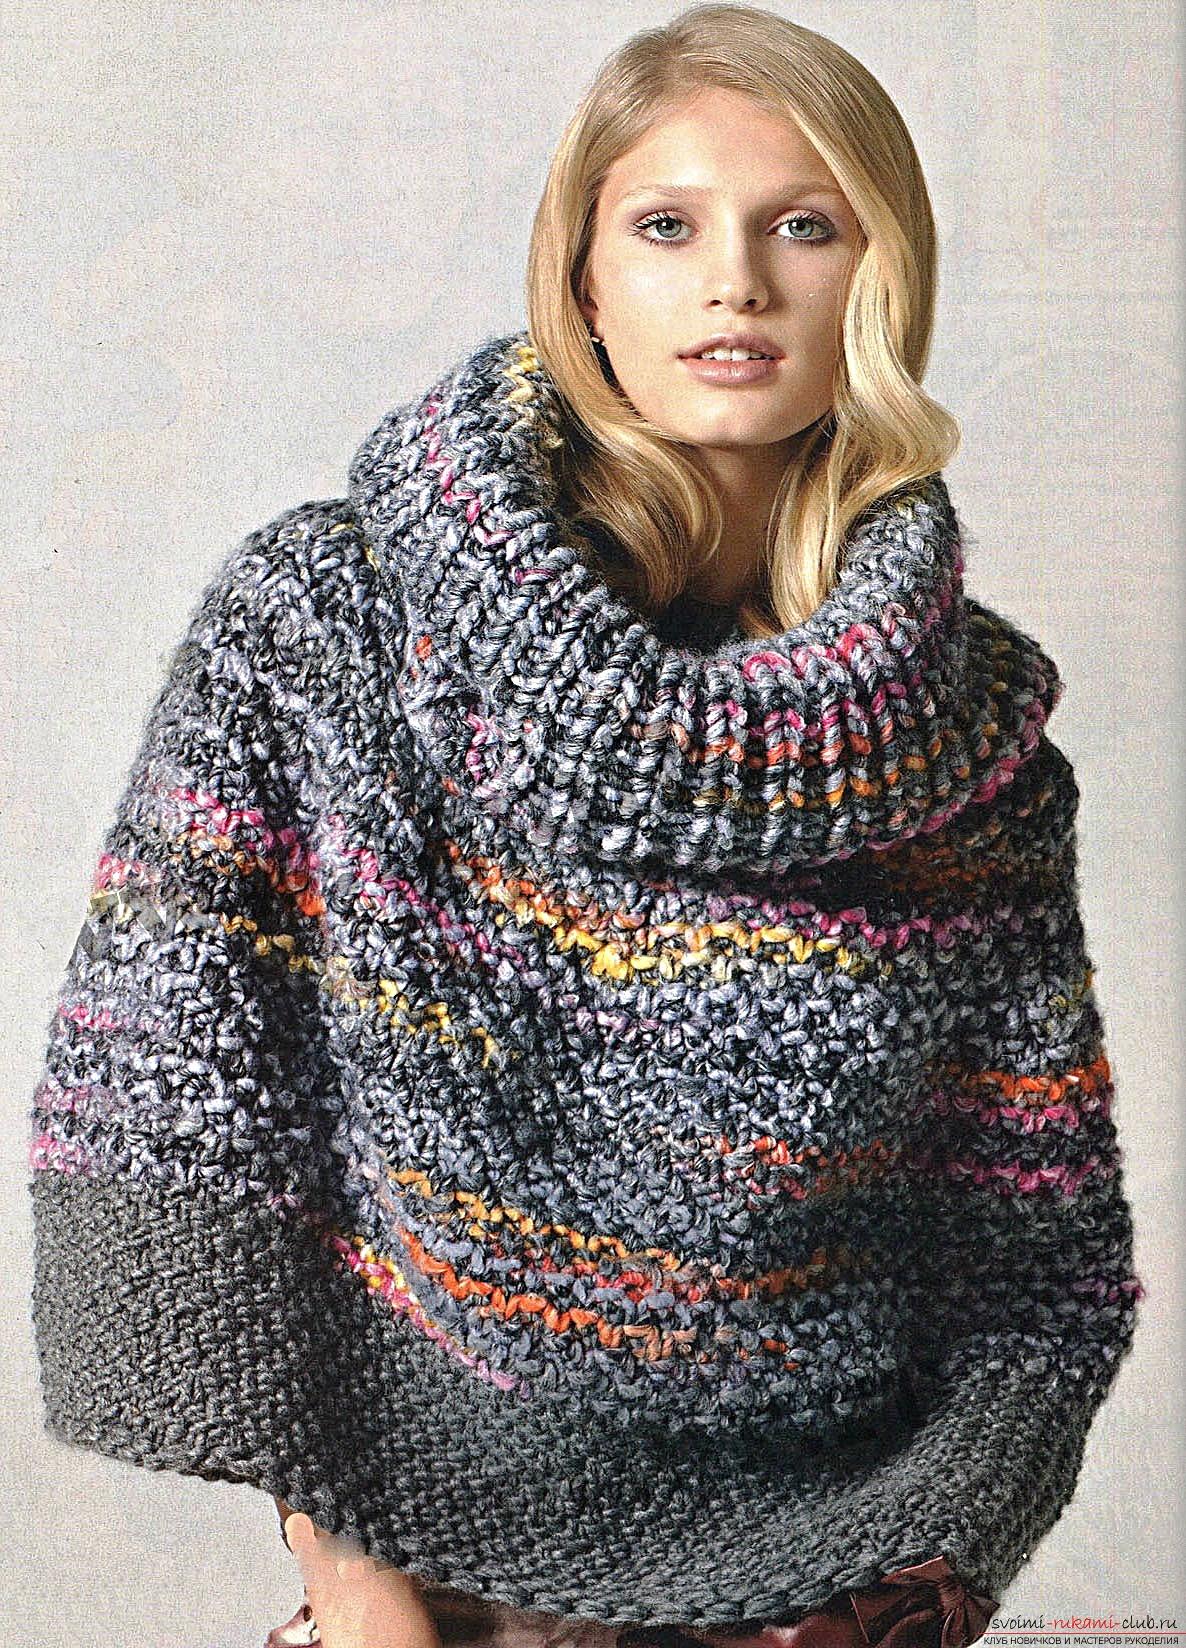 вязаный спицами свитер в ирландском стиле с интересным узором. Фото №8